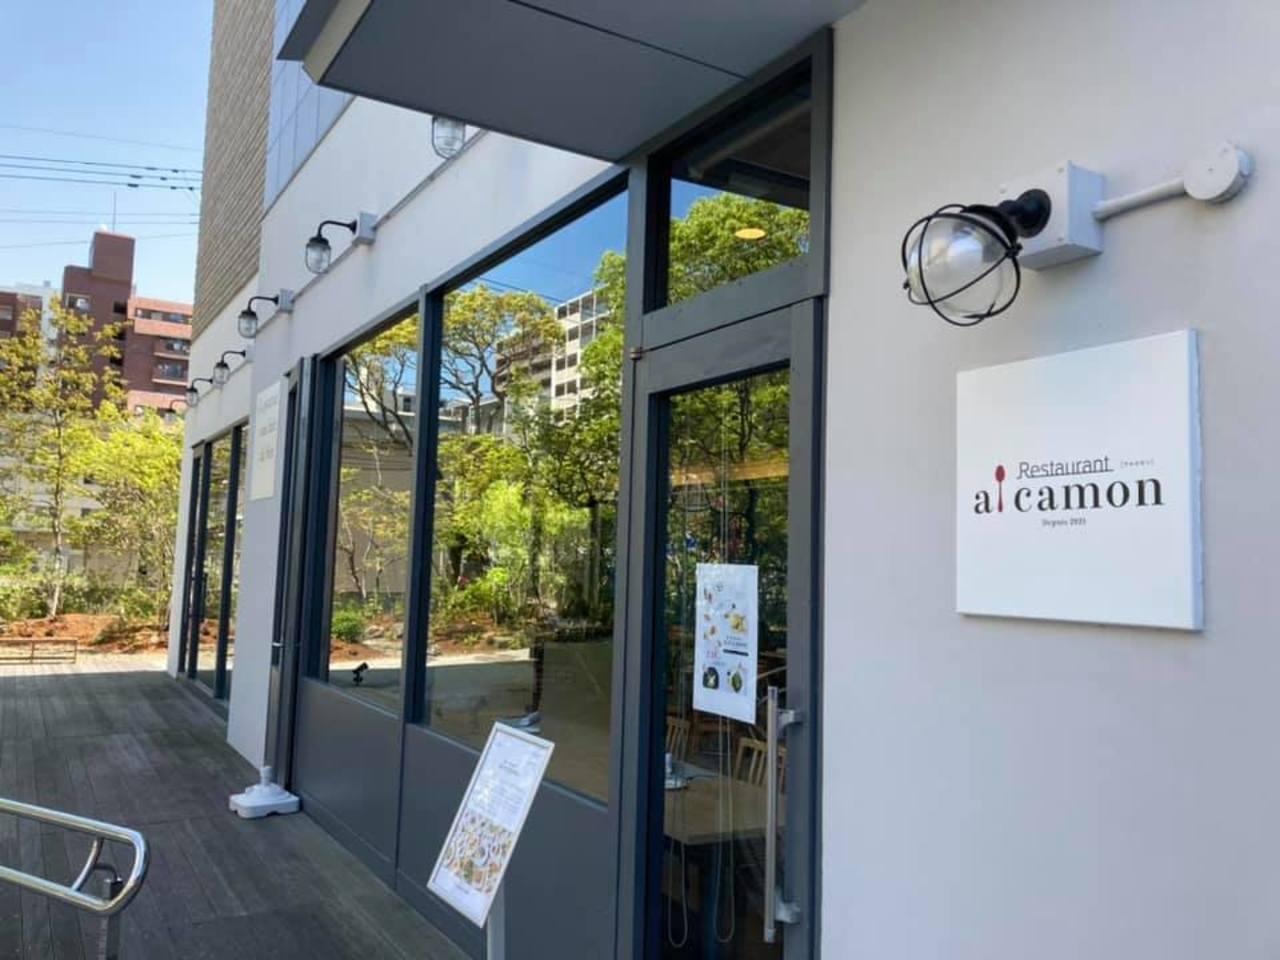 フレンチレストラン...福岡県福岡市中央区薬院4丁目に「アルカモン」本日オープン